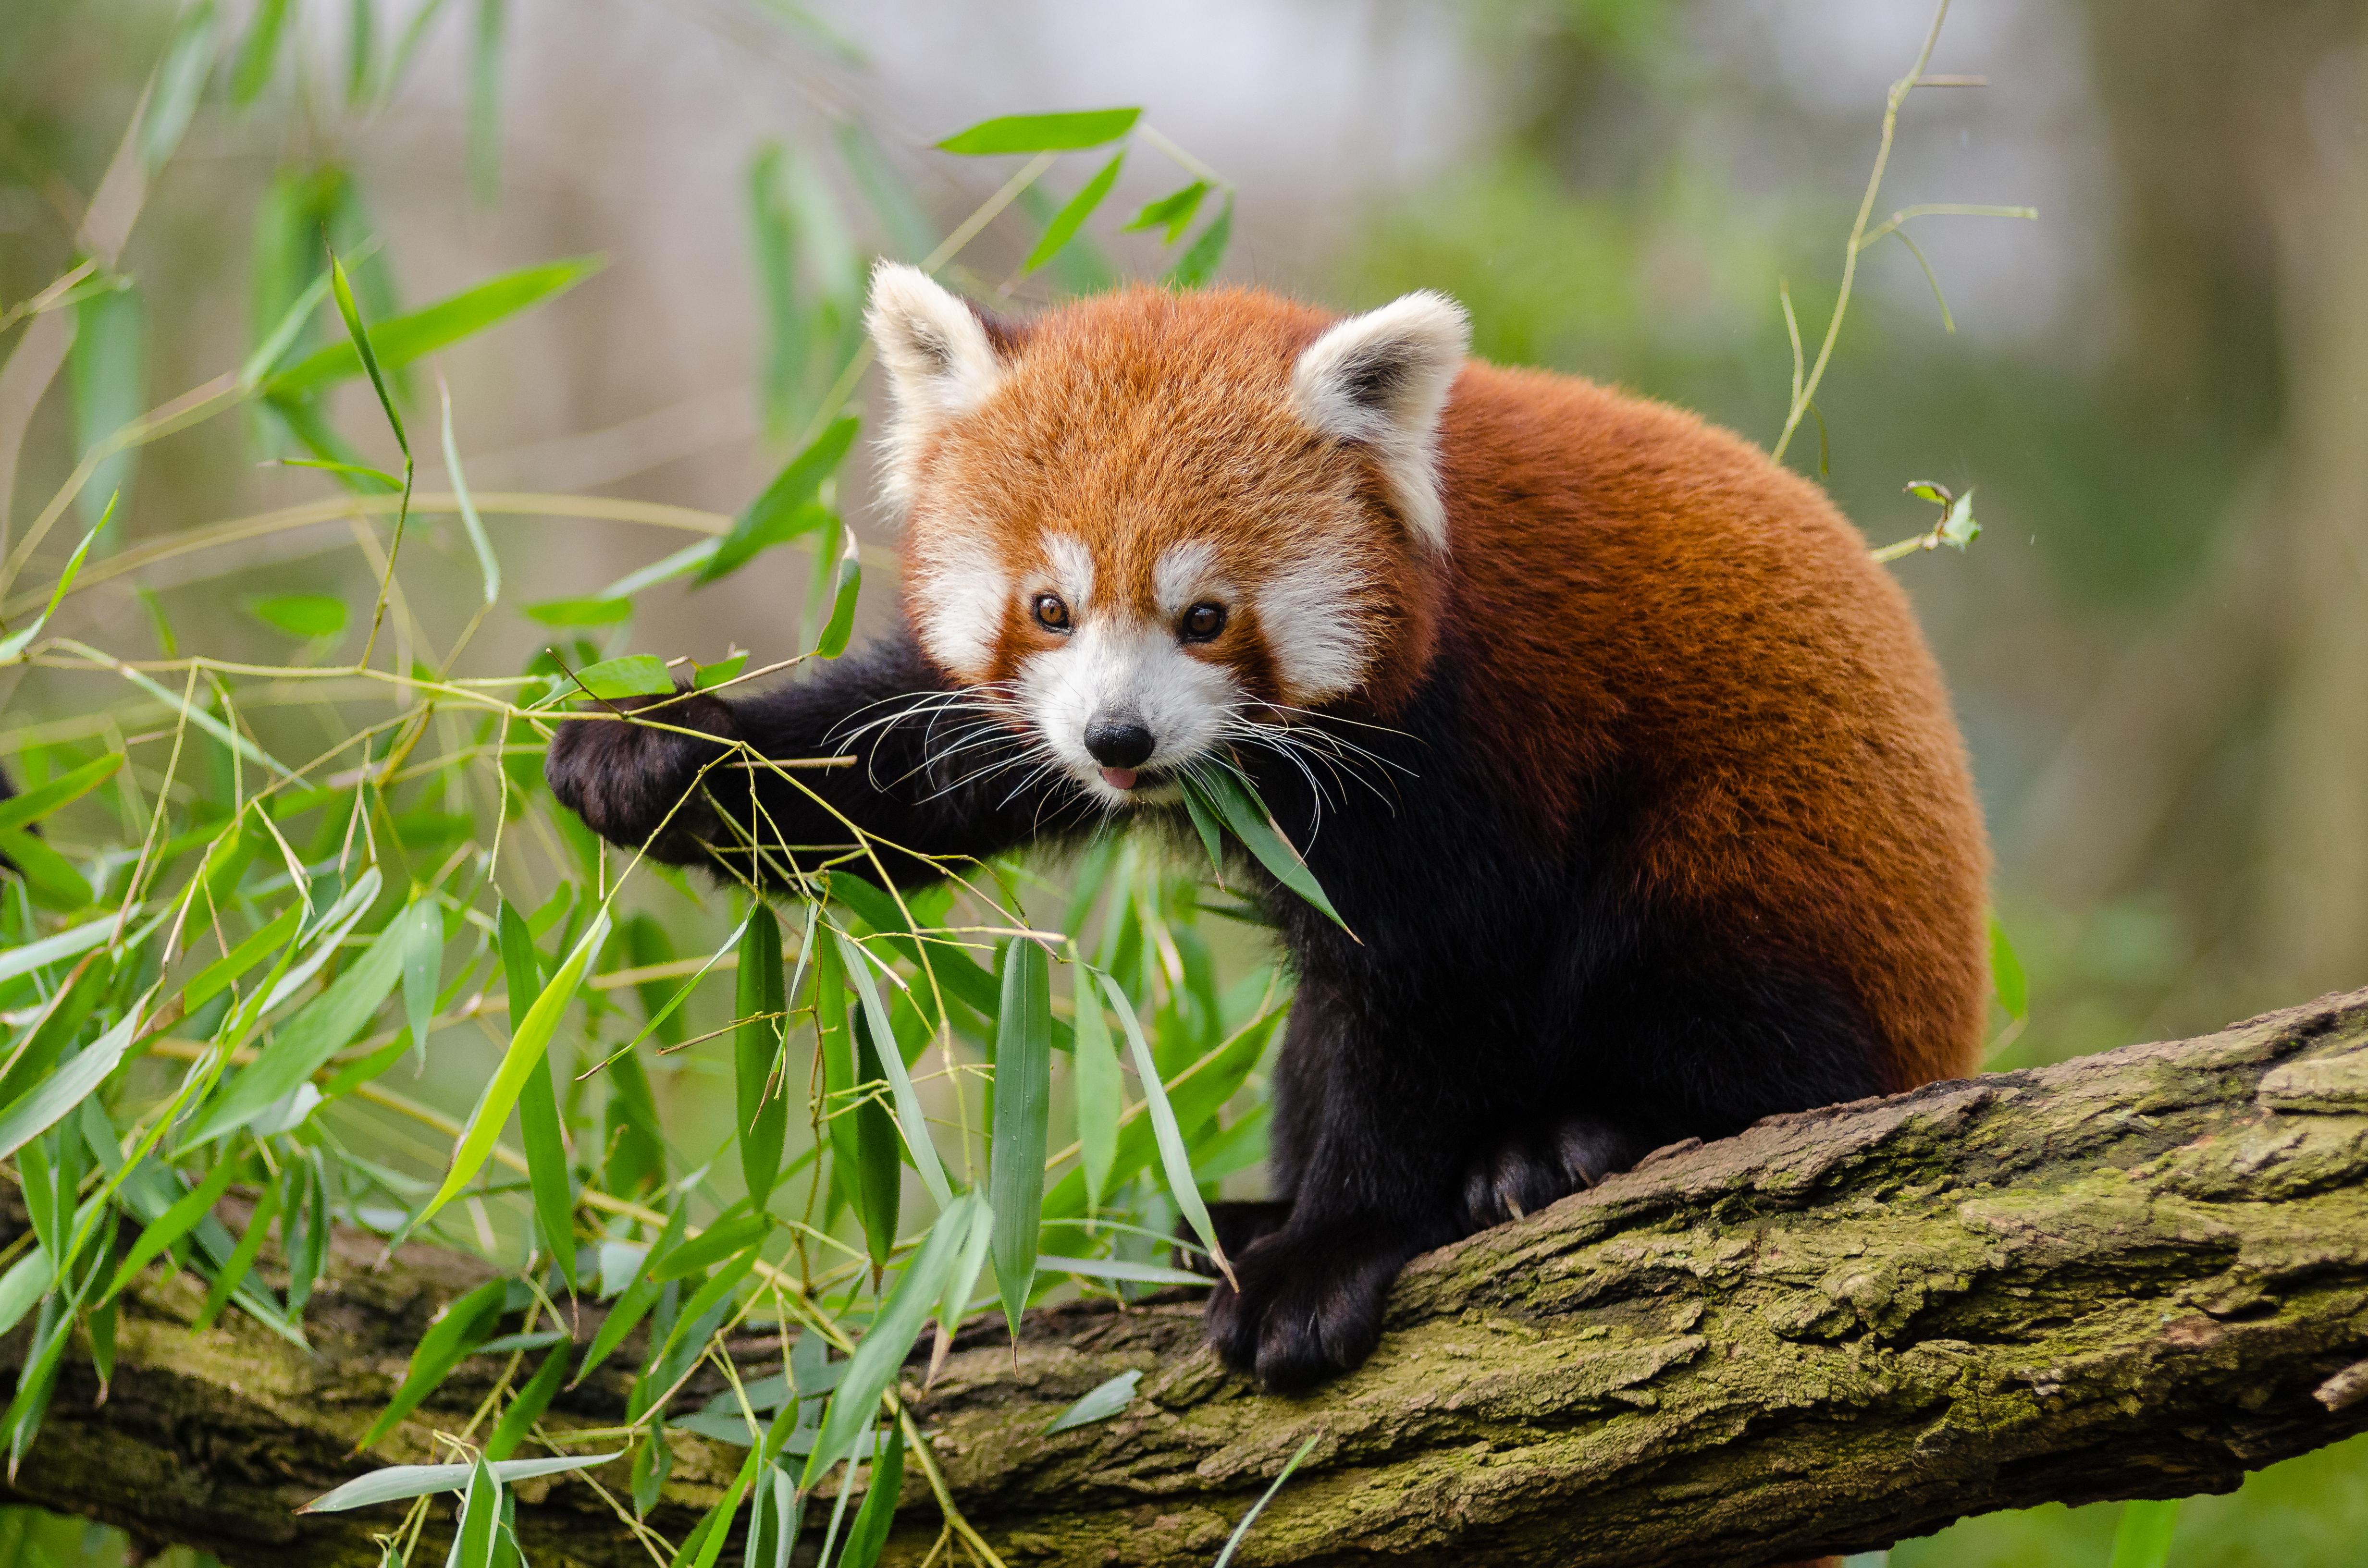 木の葉をむしゃむしゃ食べるレッサーパンダの赤ちゃん